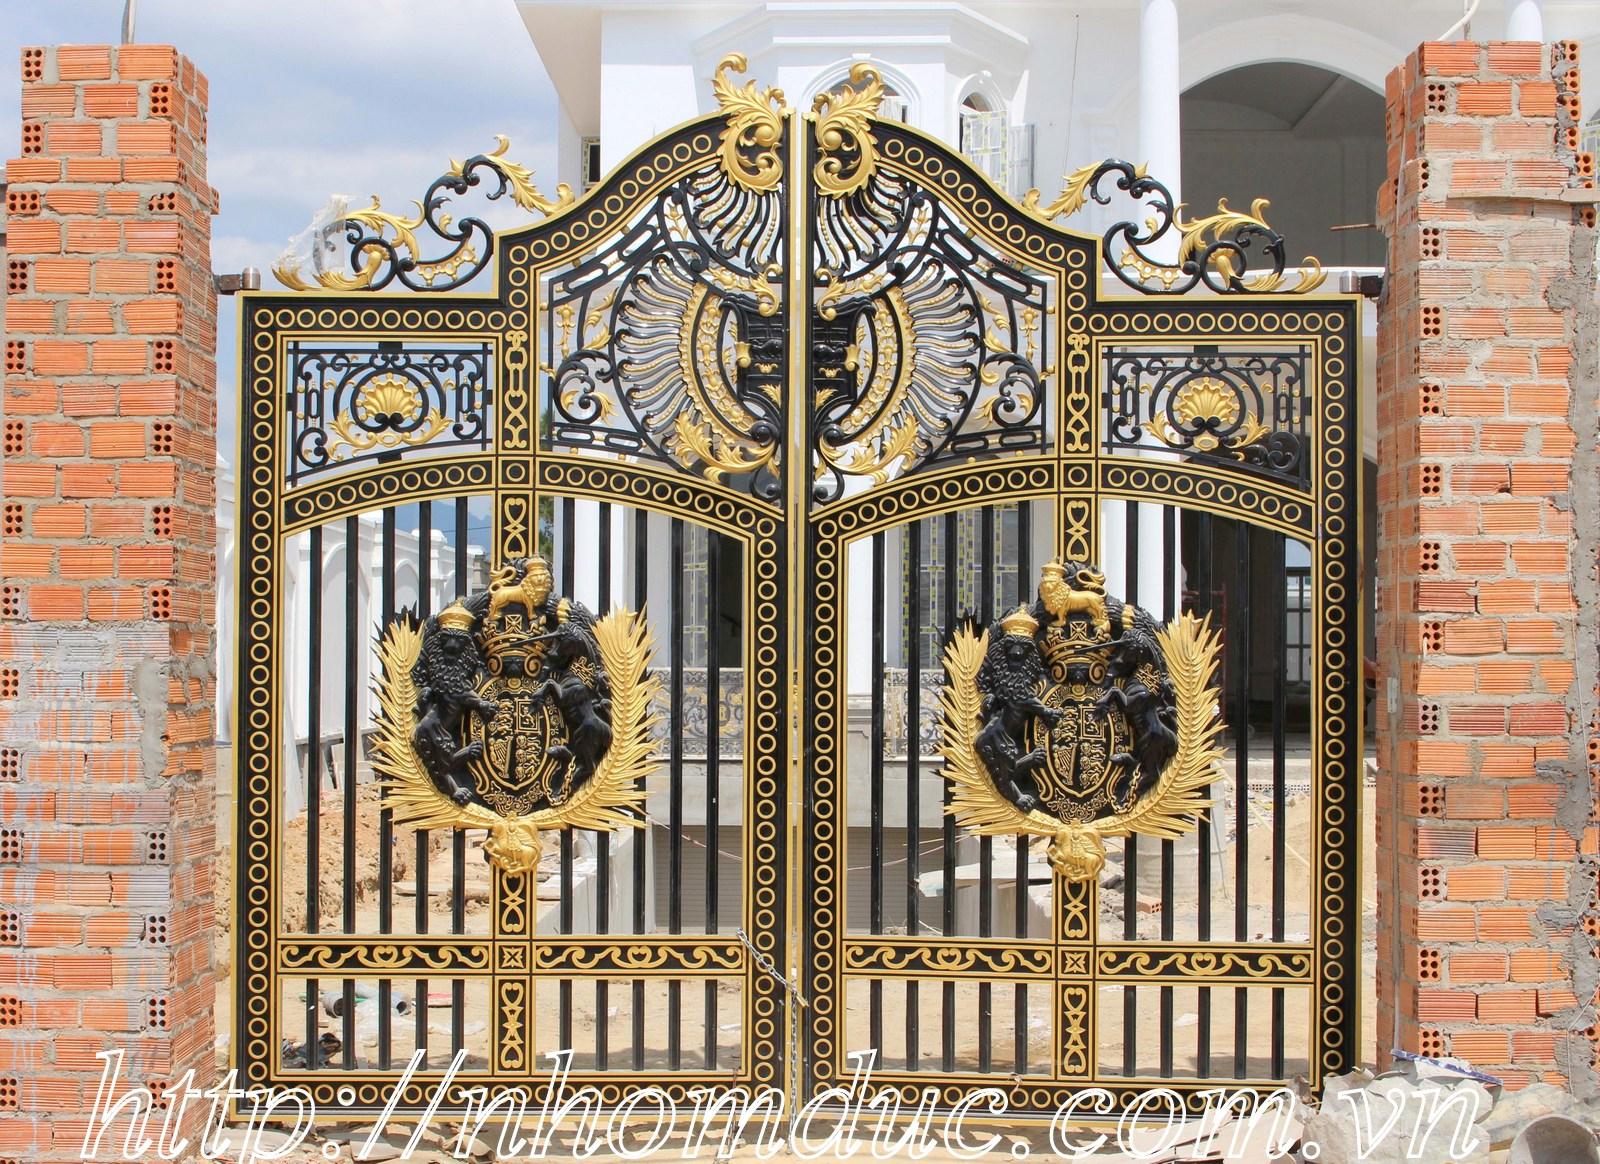 Báo giá cổng nhôm đúc đẹp sang trọng 2018